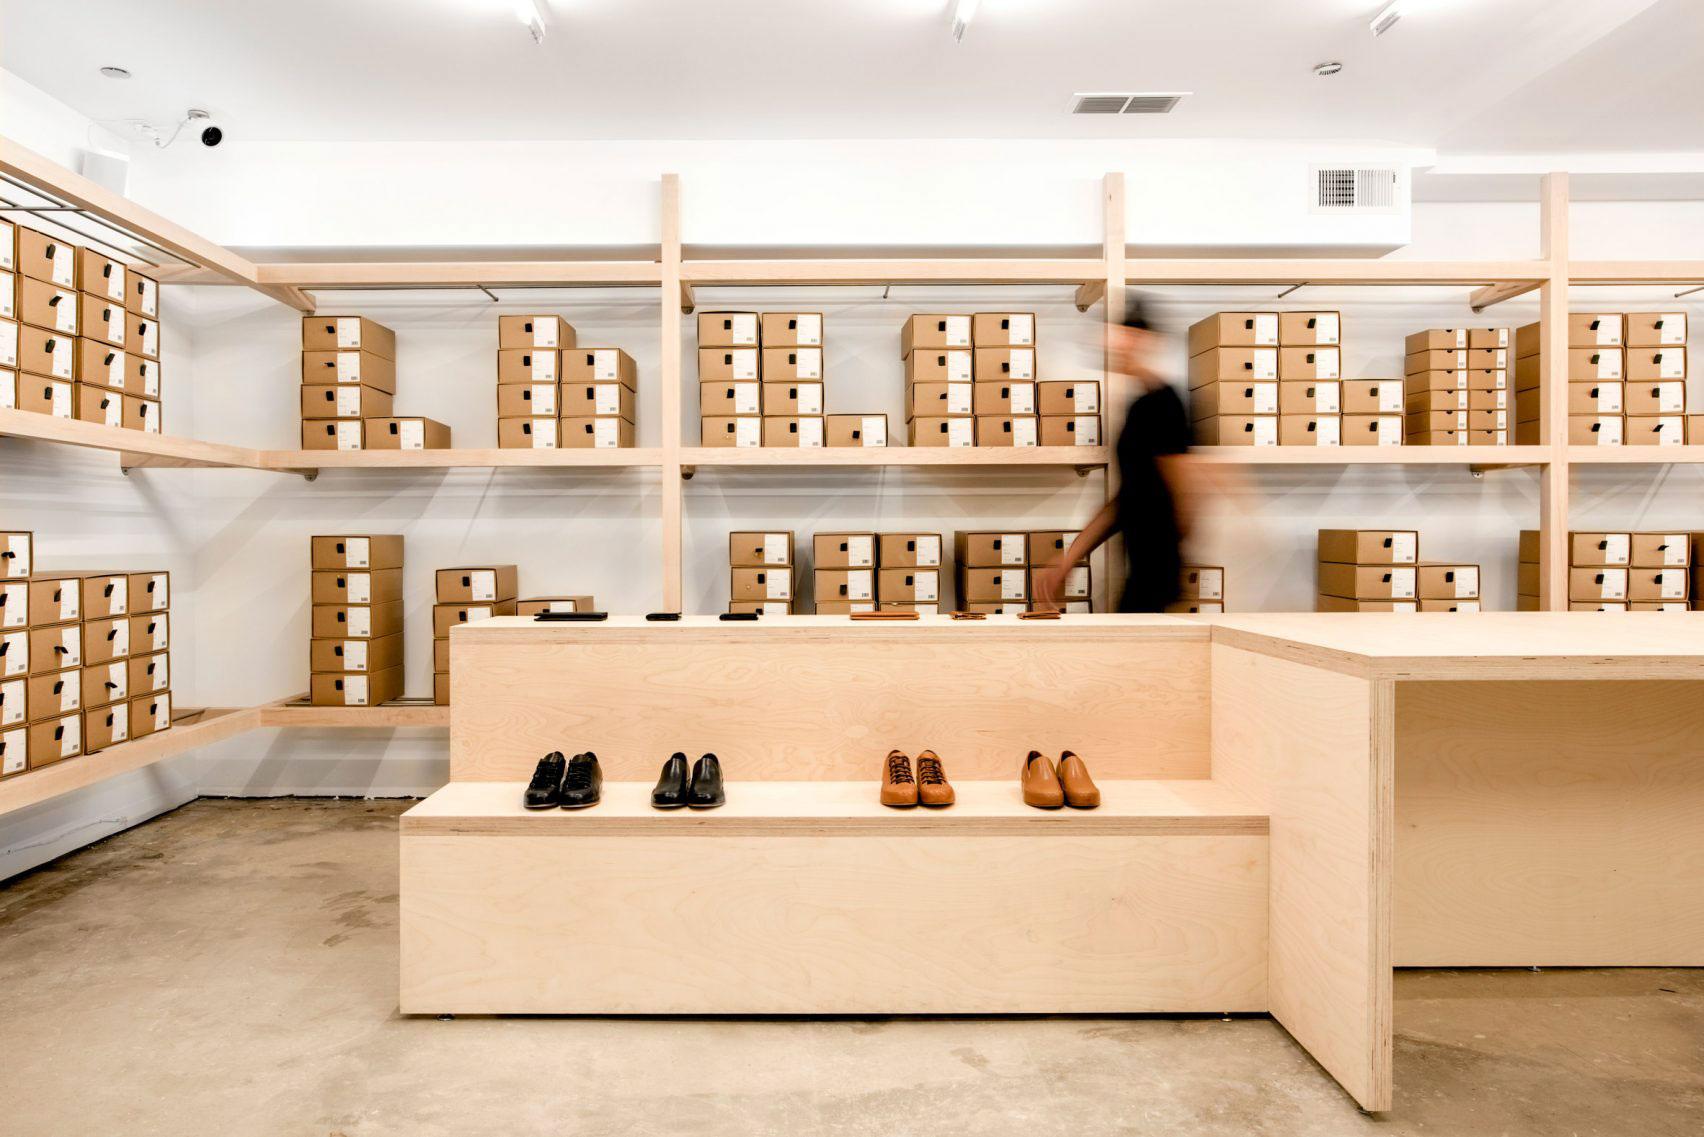 店舗の限られたスペースを活かす靴屋のレイアウトと動線設計